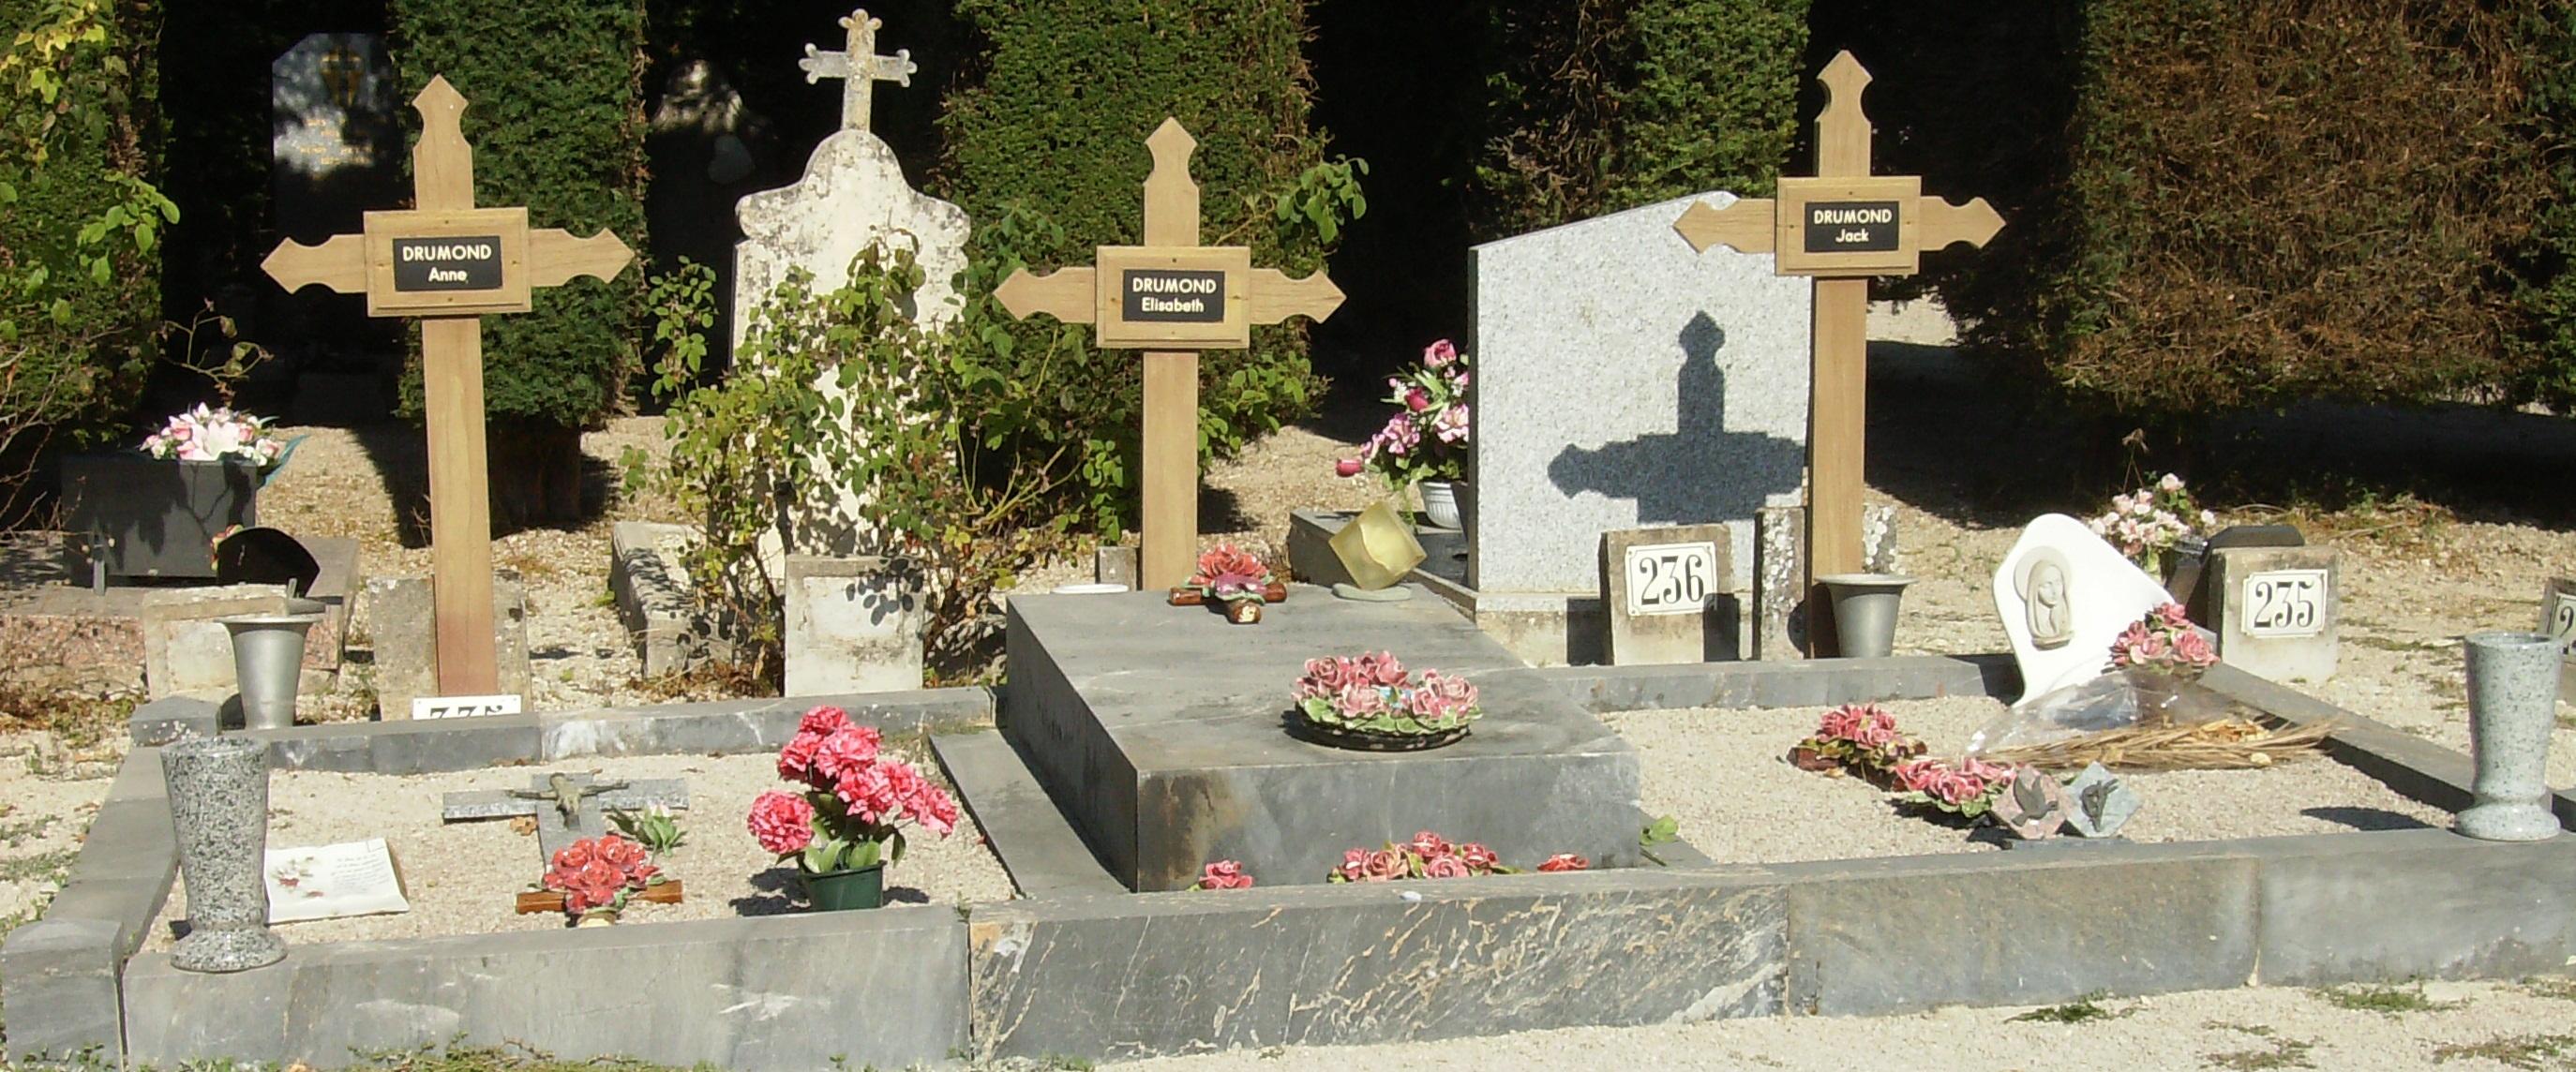 Tombe de la famille Drumond 2 août 1952